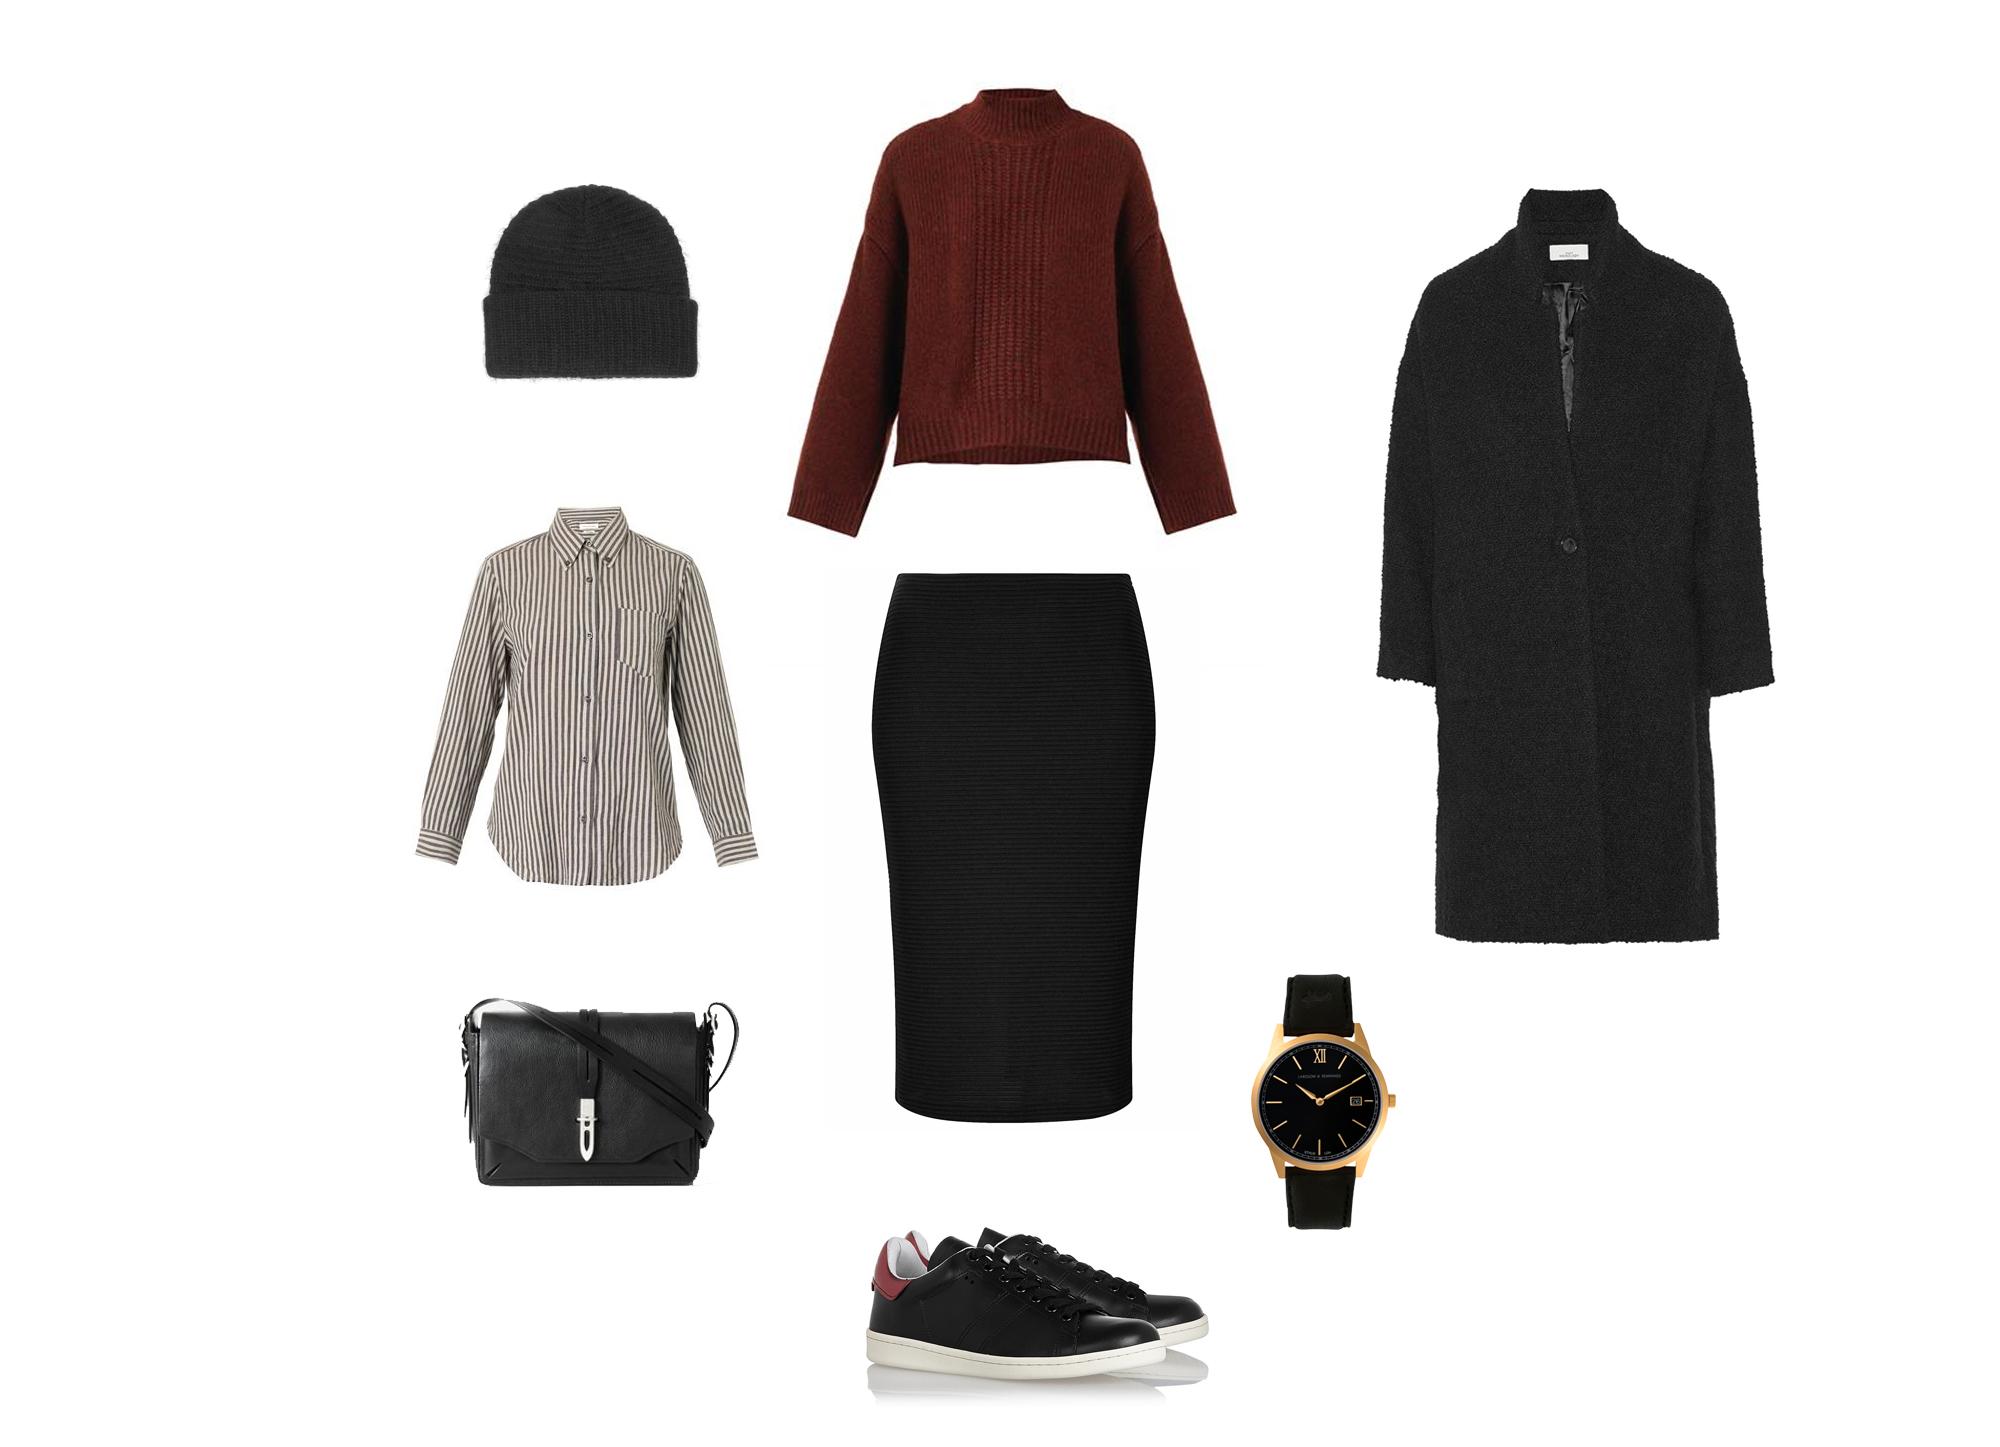 Isabel-marant-sneakers-rag-and-bone-bag-acne-beanie